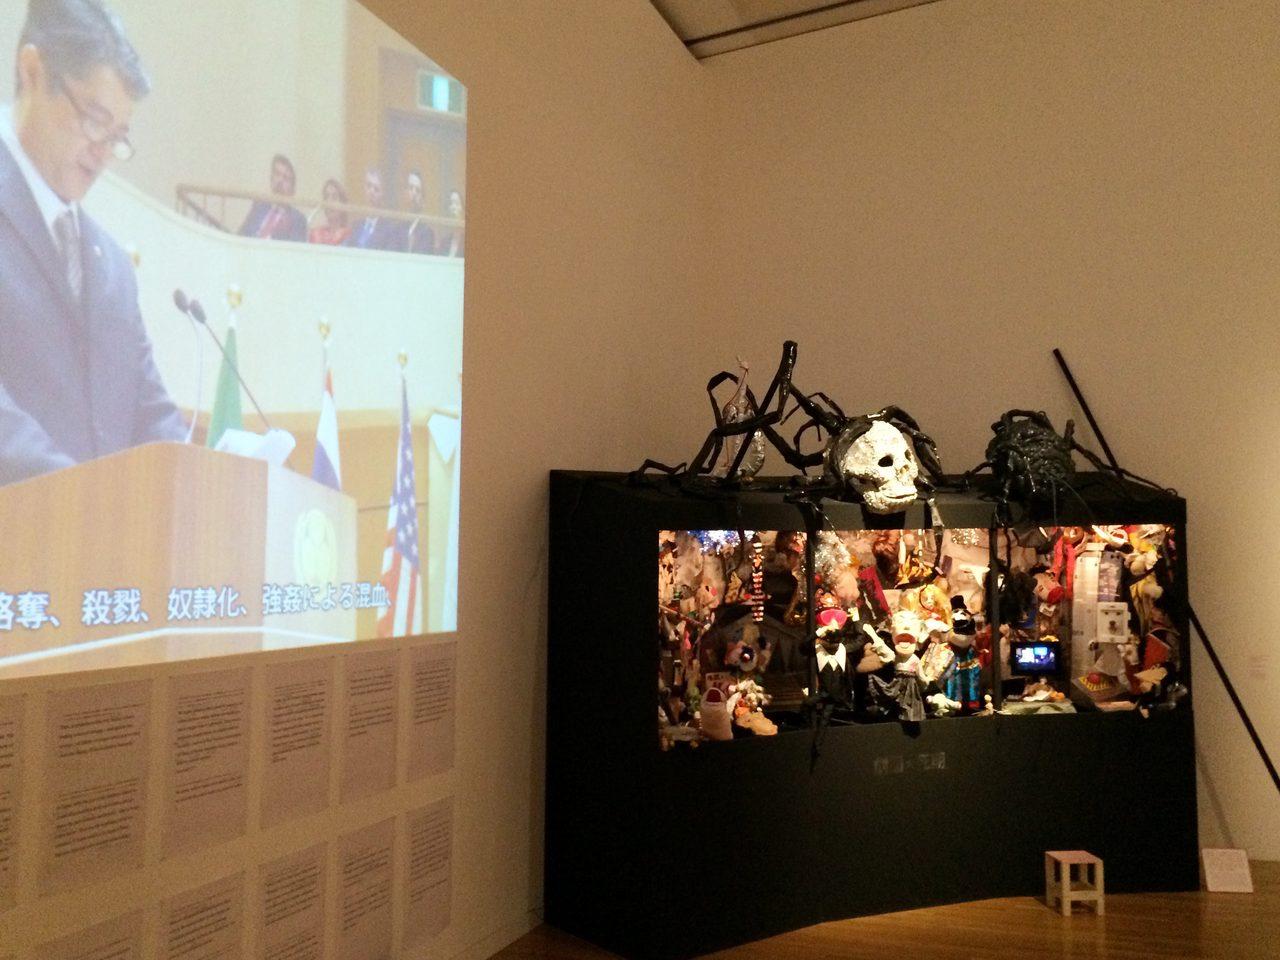 画像: 左手の映像が、ビデオ作品「国際会議で演説をする日本の総理大臣と名乗る男のビデオ」(C)cinefil art review